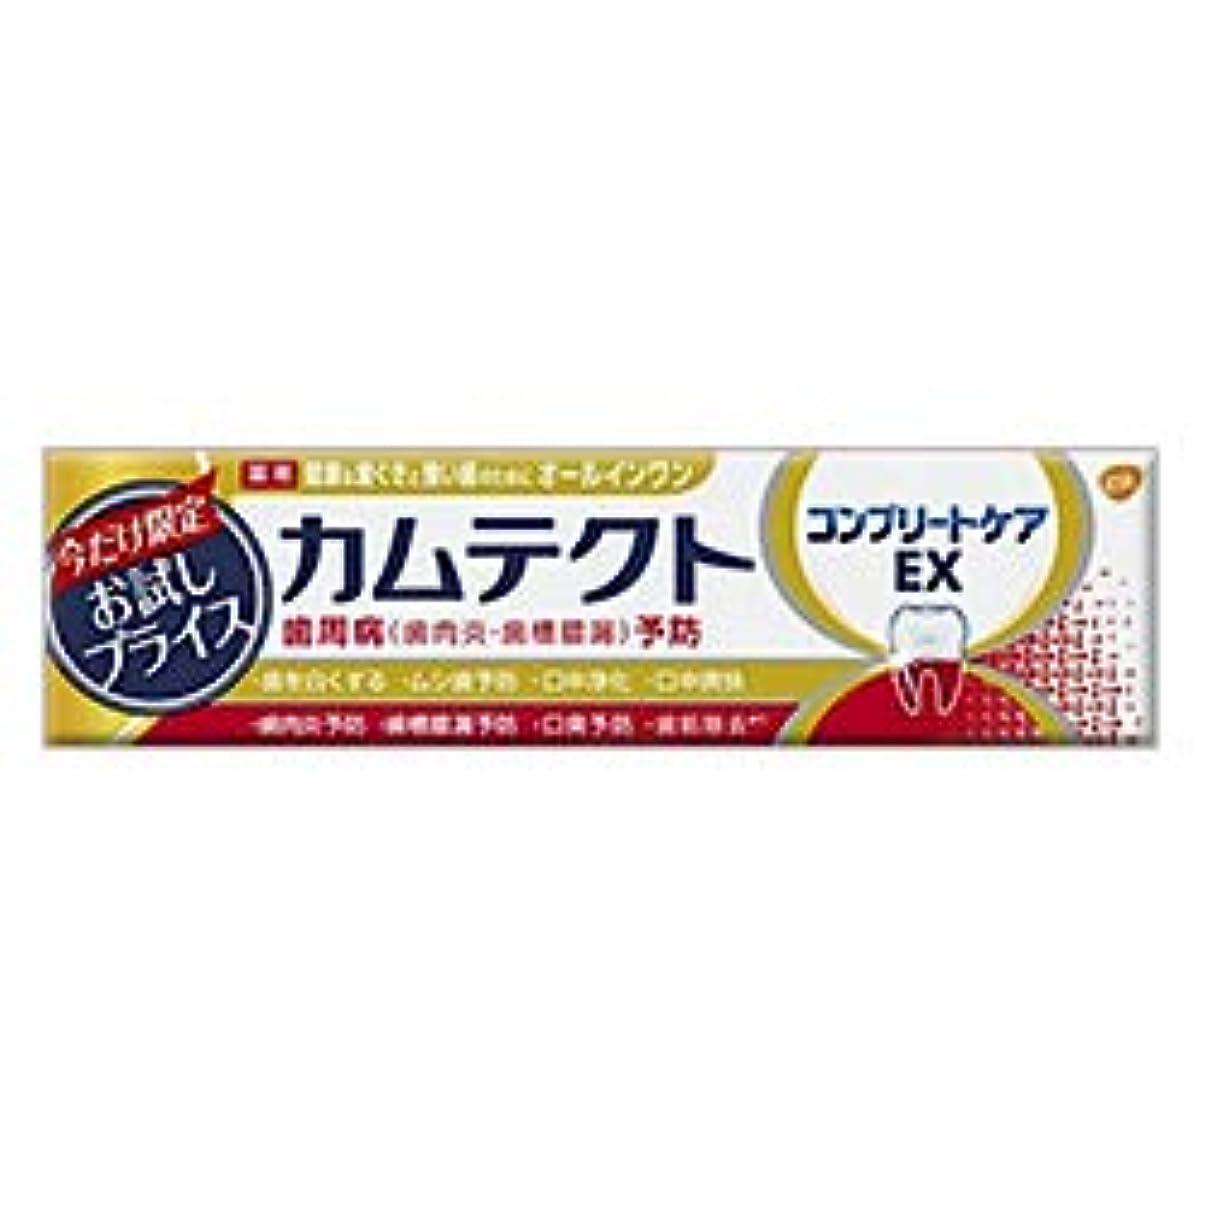 見えるでも観察【アース製薬】カムテクト コンプリートケアEX 限定お試し版 95g [医薬部外品] ×4個セット